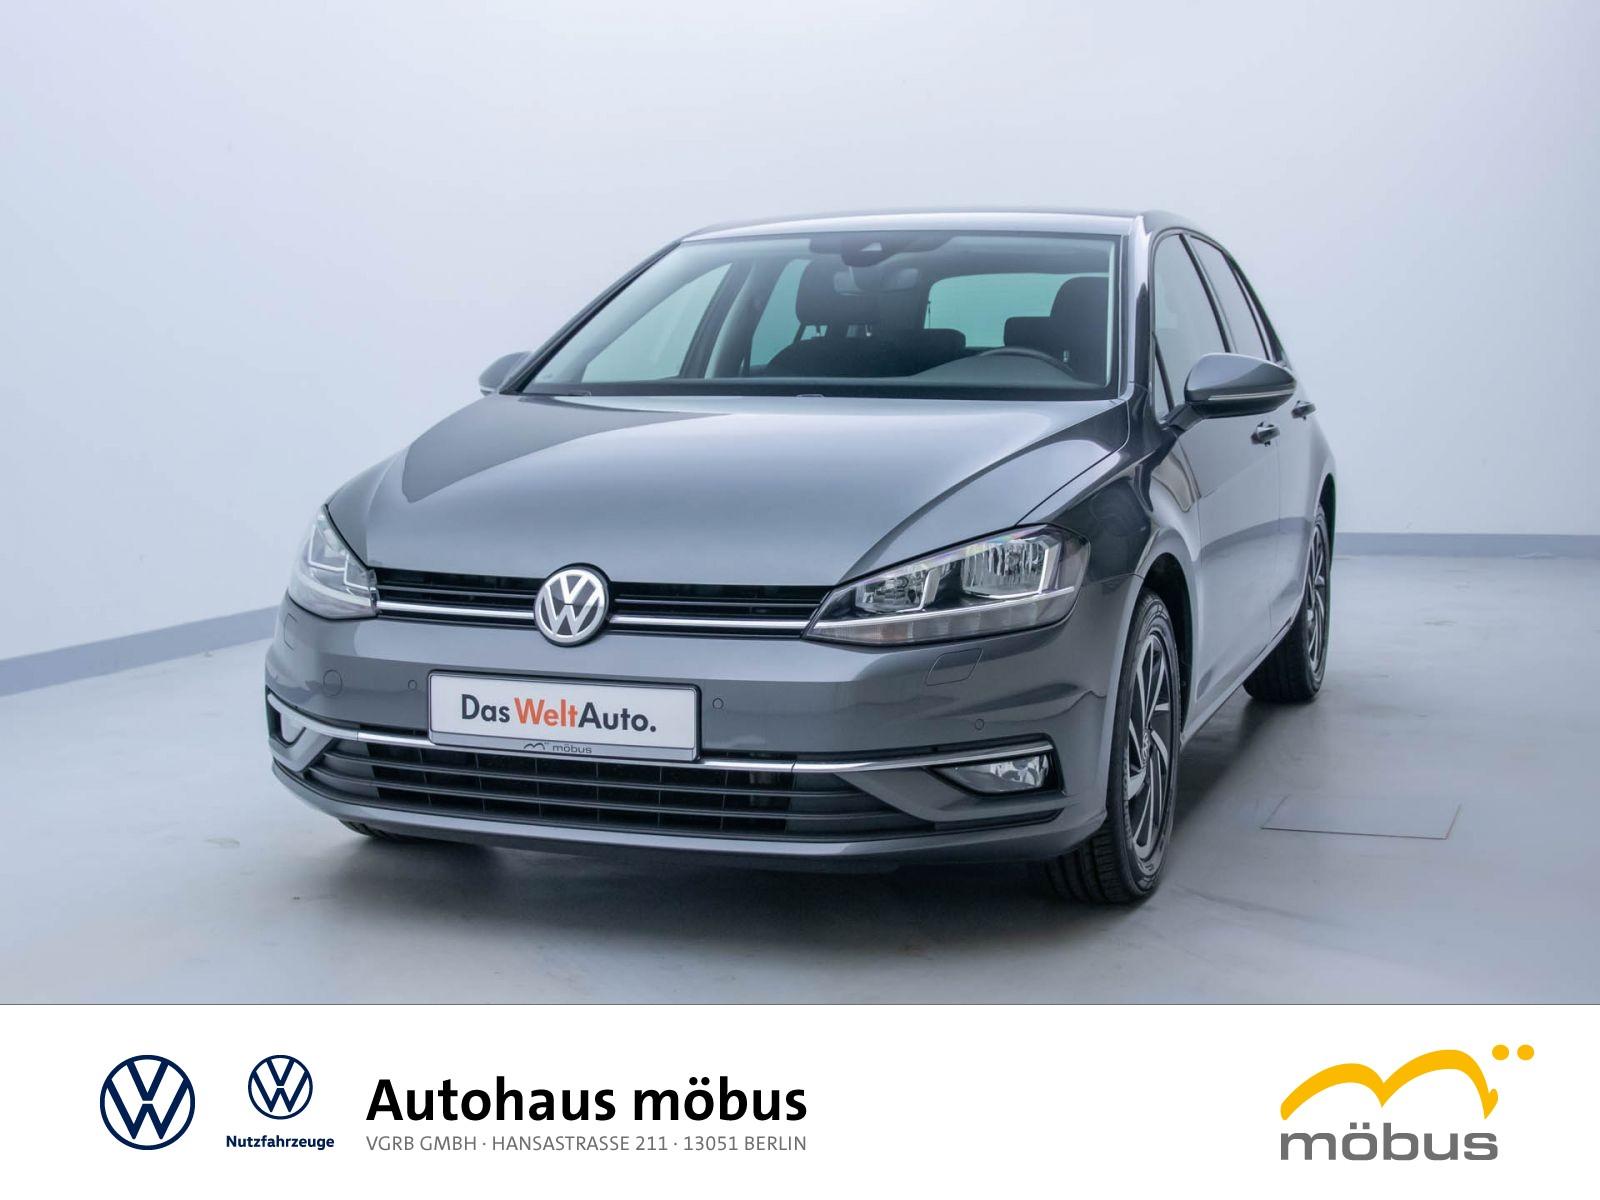 Volkswagen Golf VII 1.5 TSI*SOUND*NAVI*DAB*APP*RFK*ACC*NSW*, Jahr 2018, Benzin